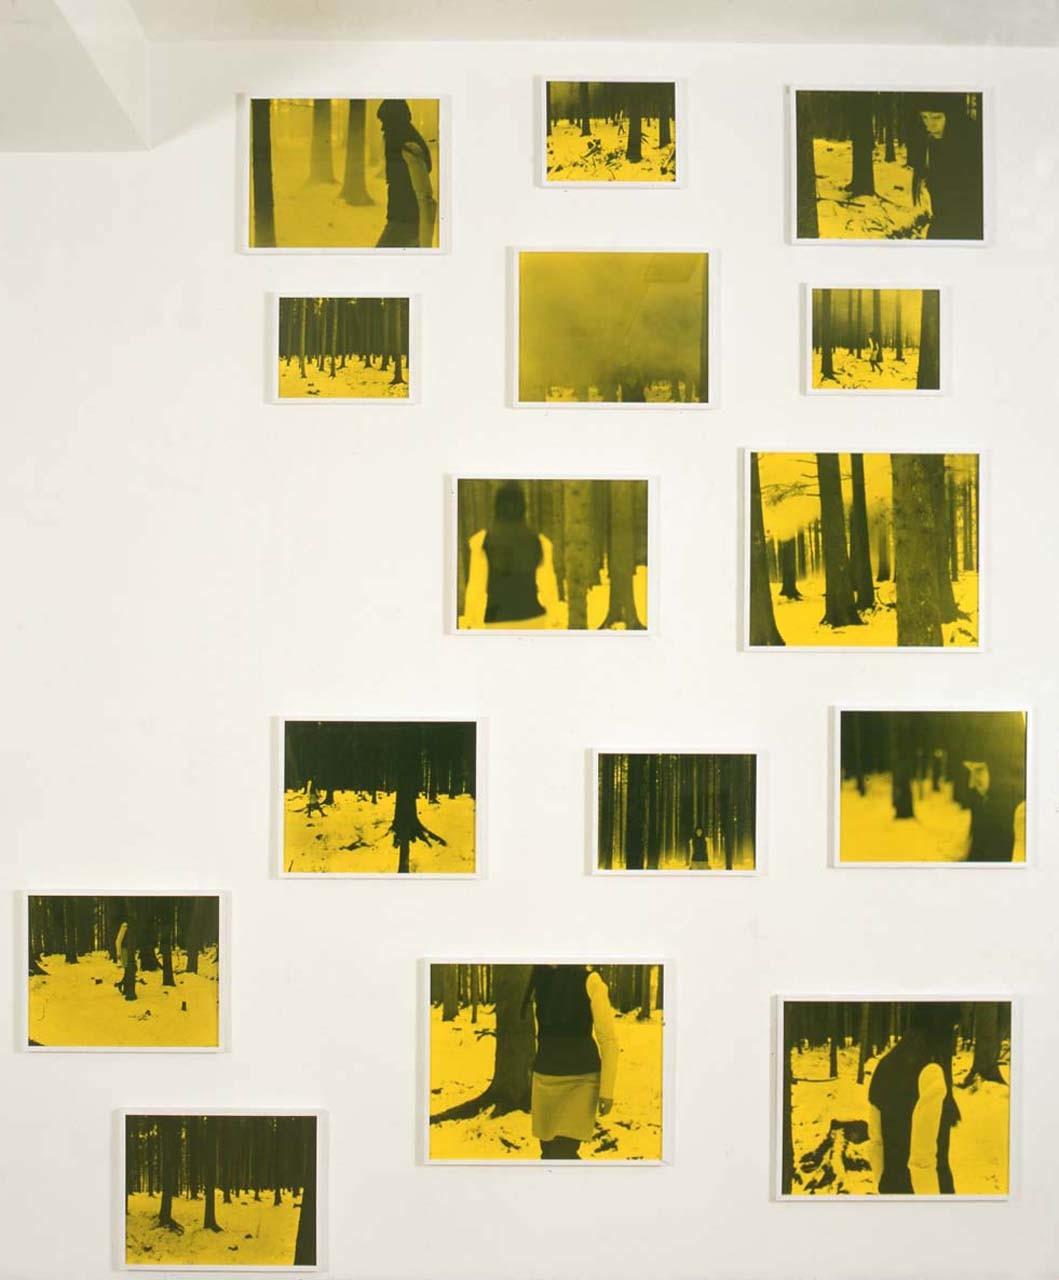 """<div class=""""artwork_caption""""><p>Vierdezemberneunzehmhundertneunundneunzig, 1999</p></div>"""